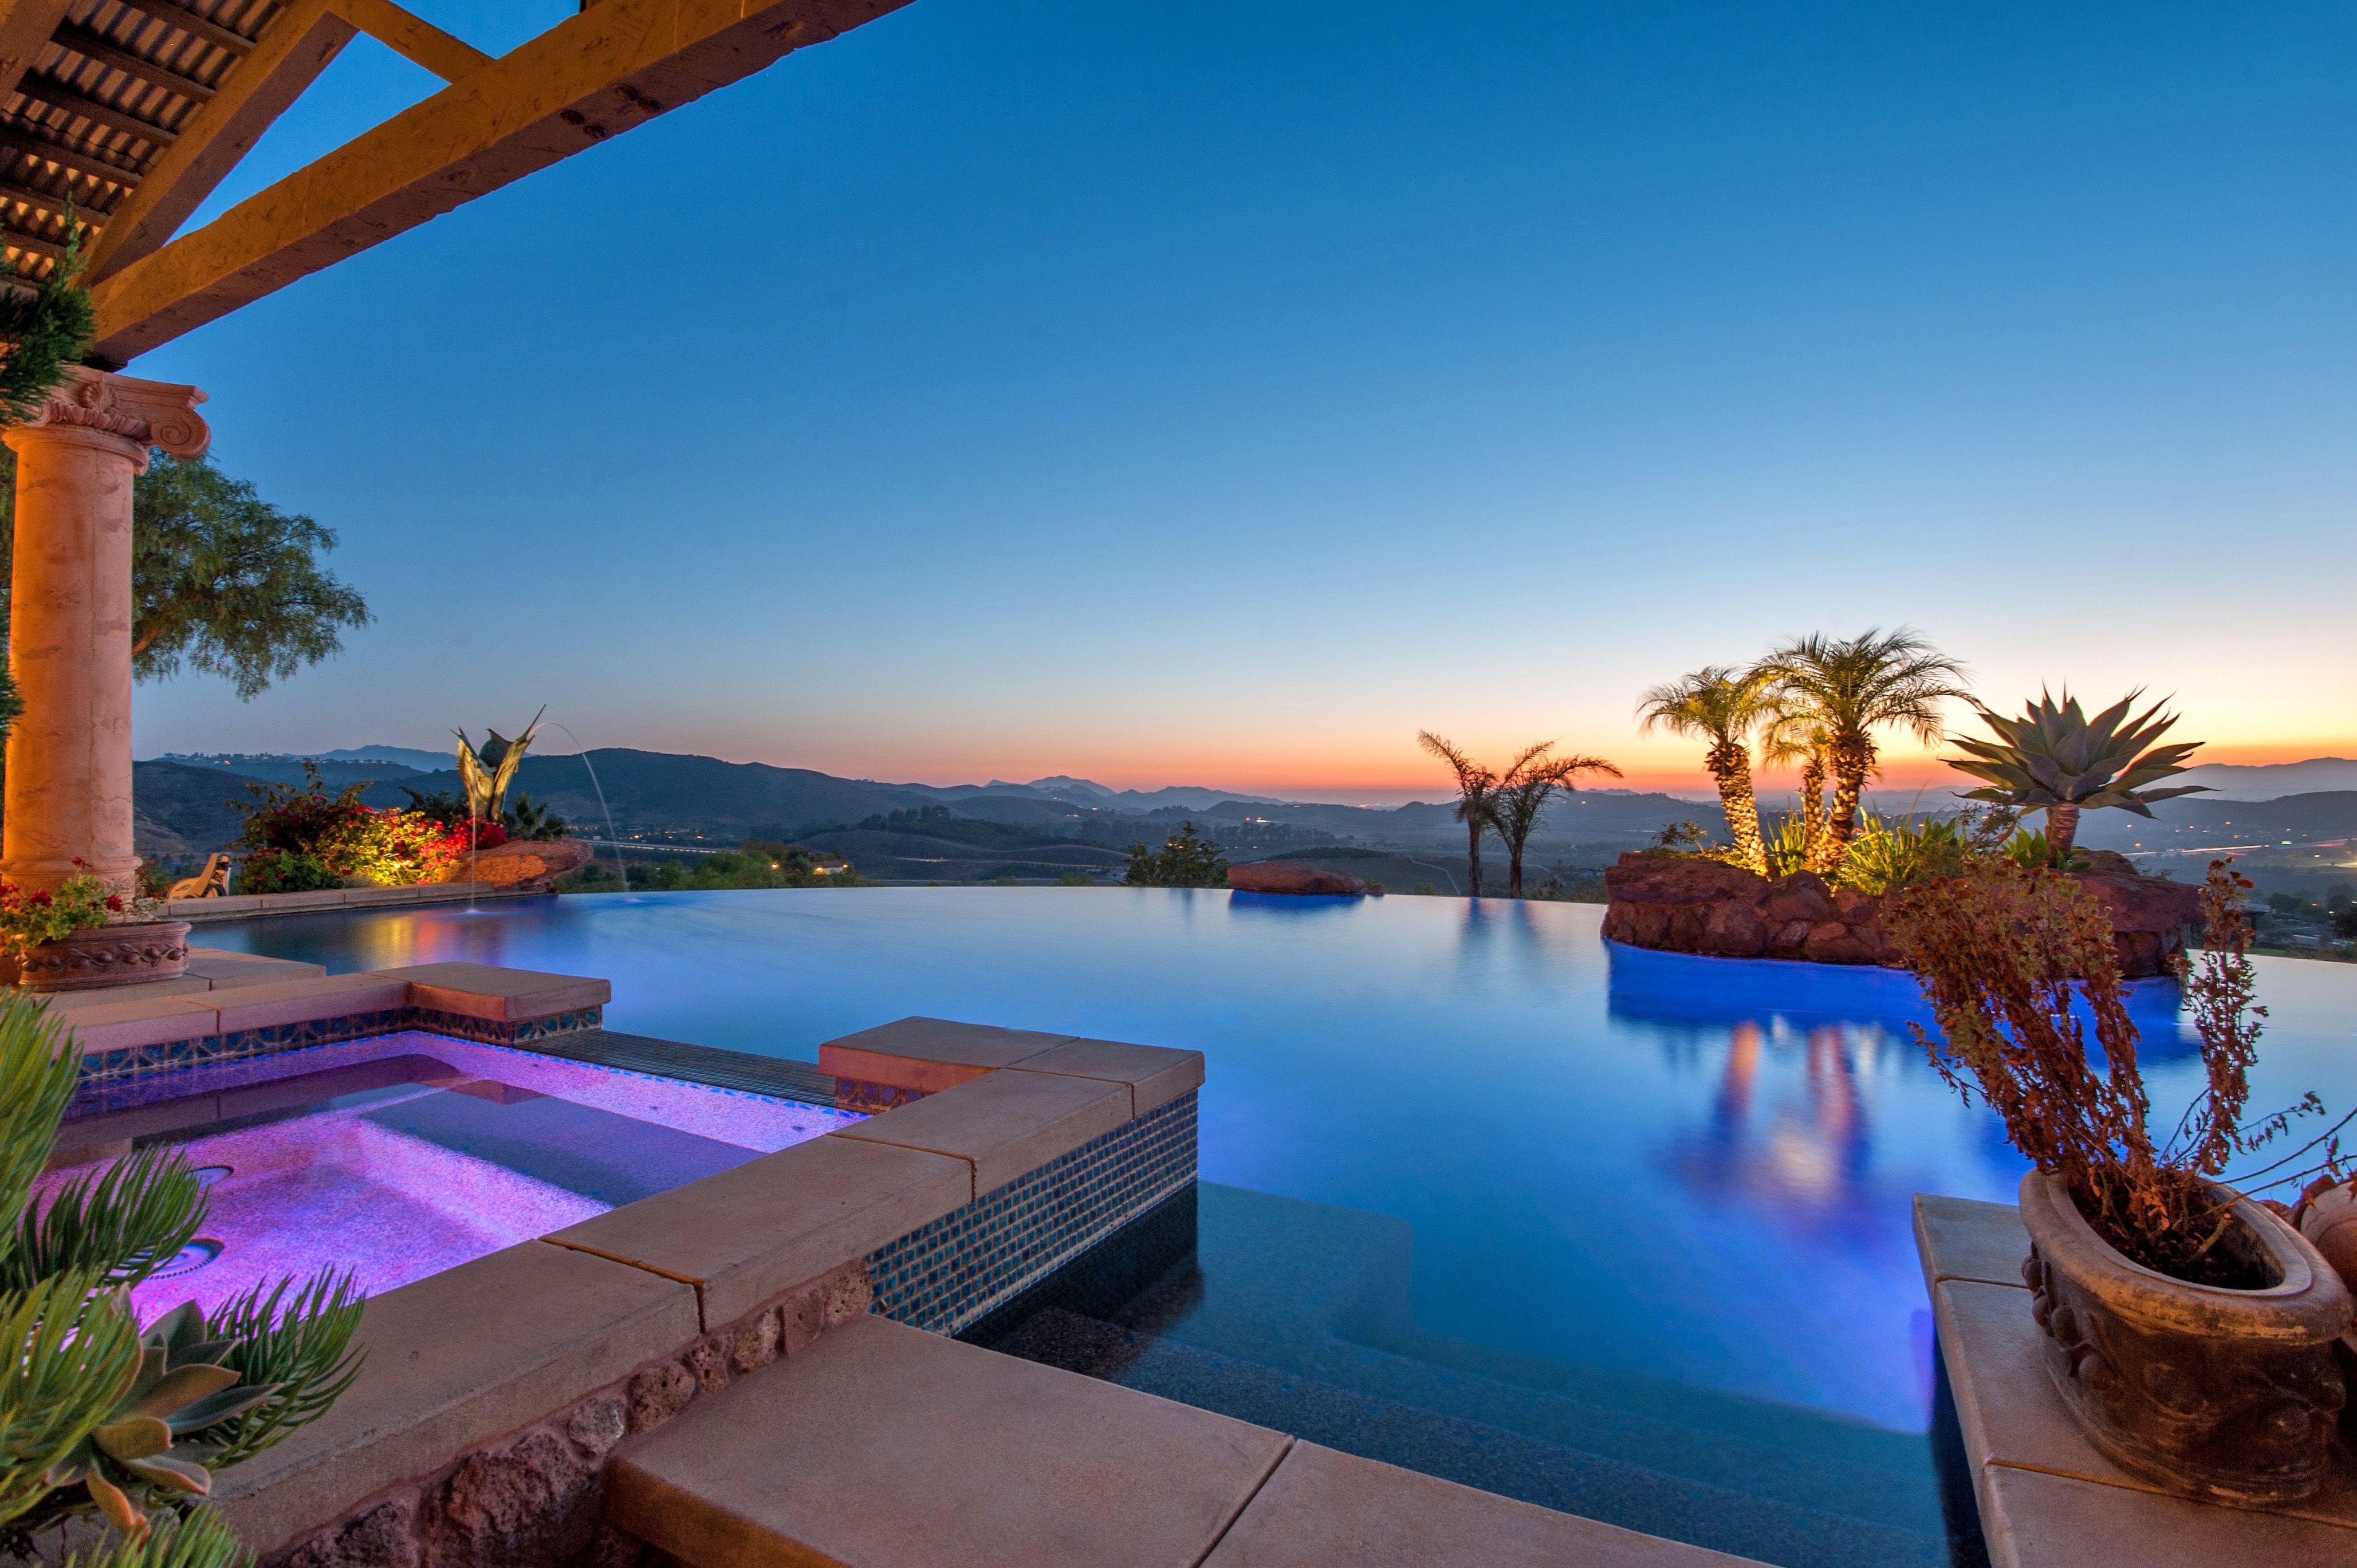 Infinity Pool Luxury Home Moorpark California El Rancho Cerca